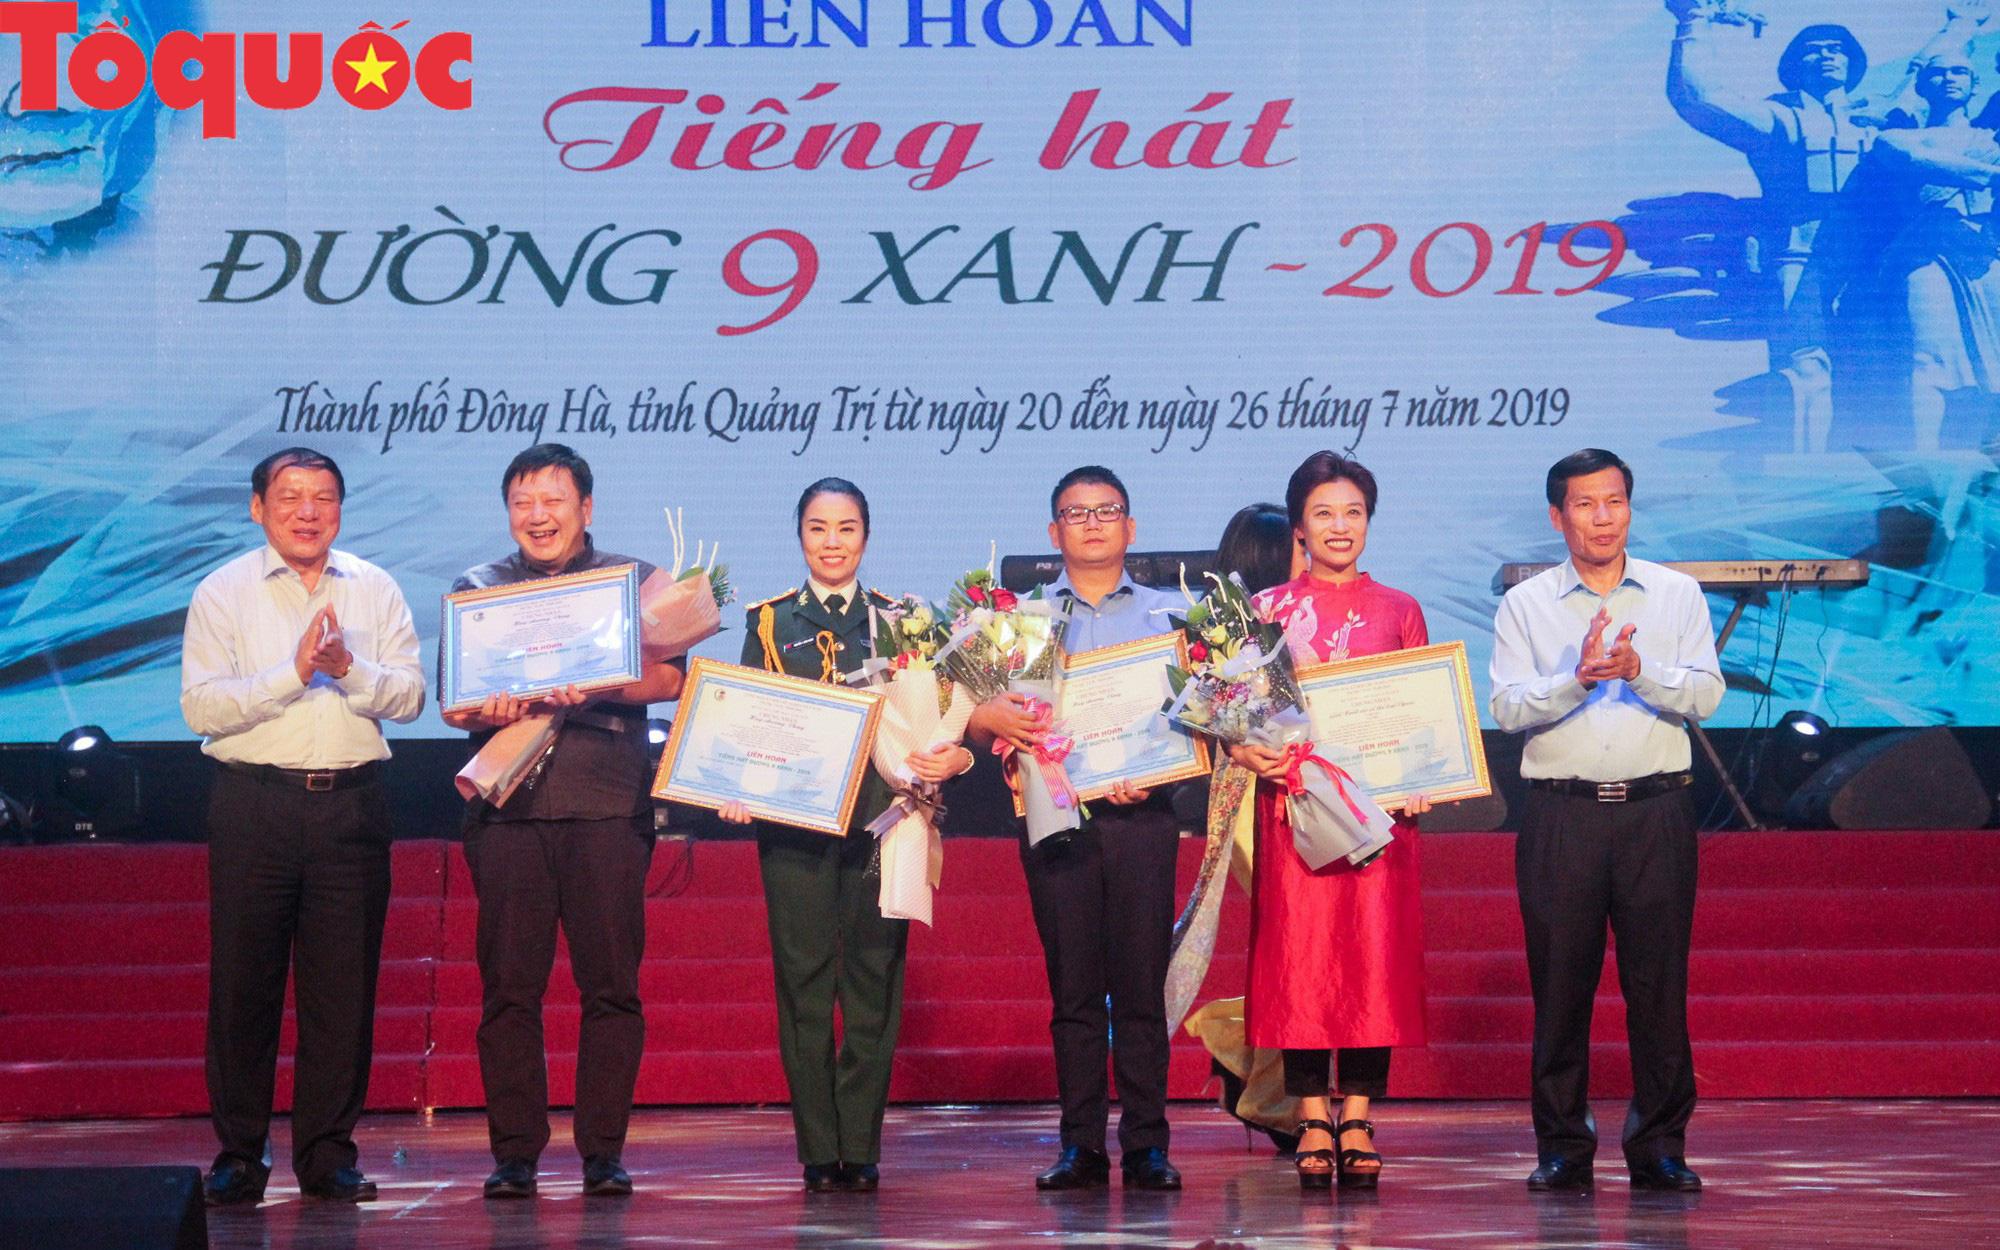 Bộ trưởng Nguyễn Ngọc Thiện dự lễ bế mạc Liên hoan Tiếng hát Đường 9 Xanh 2019